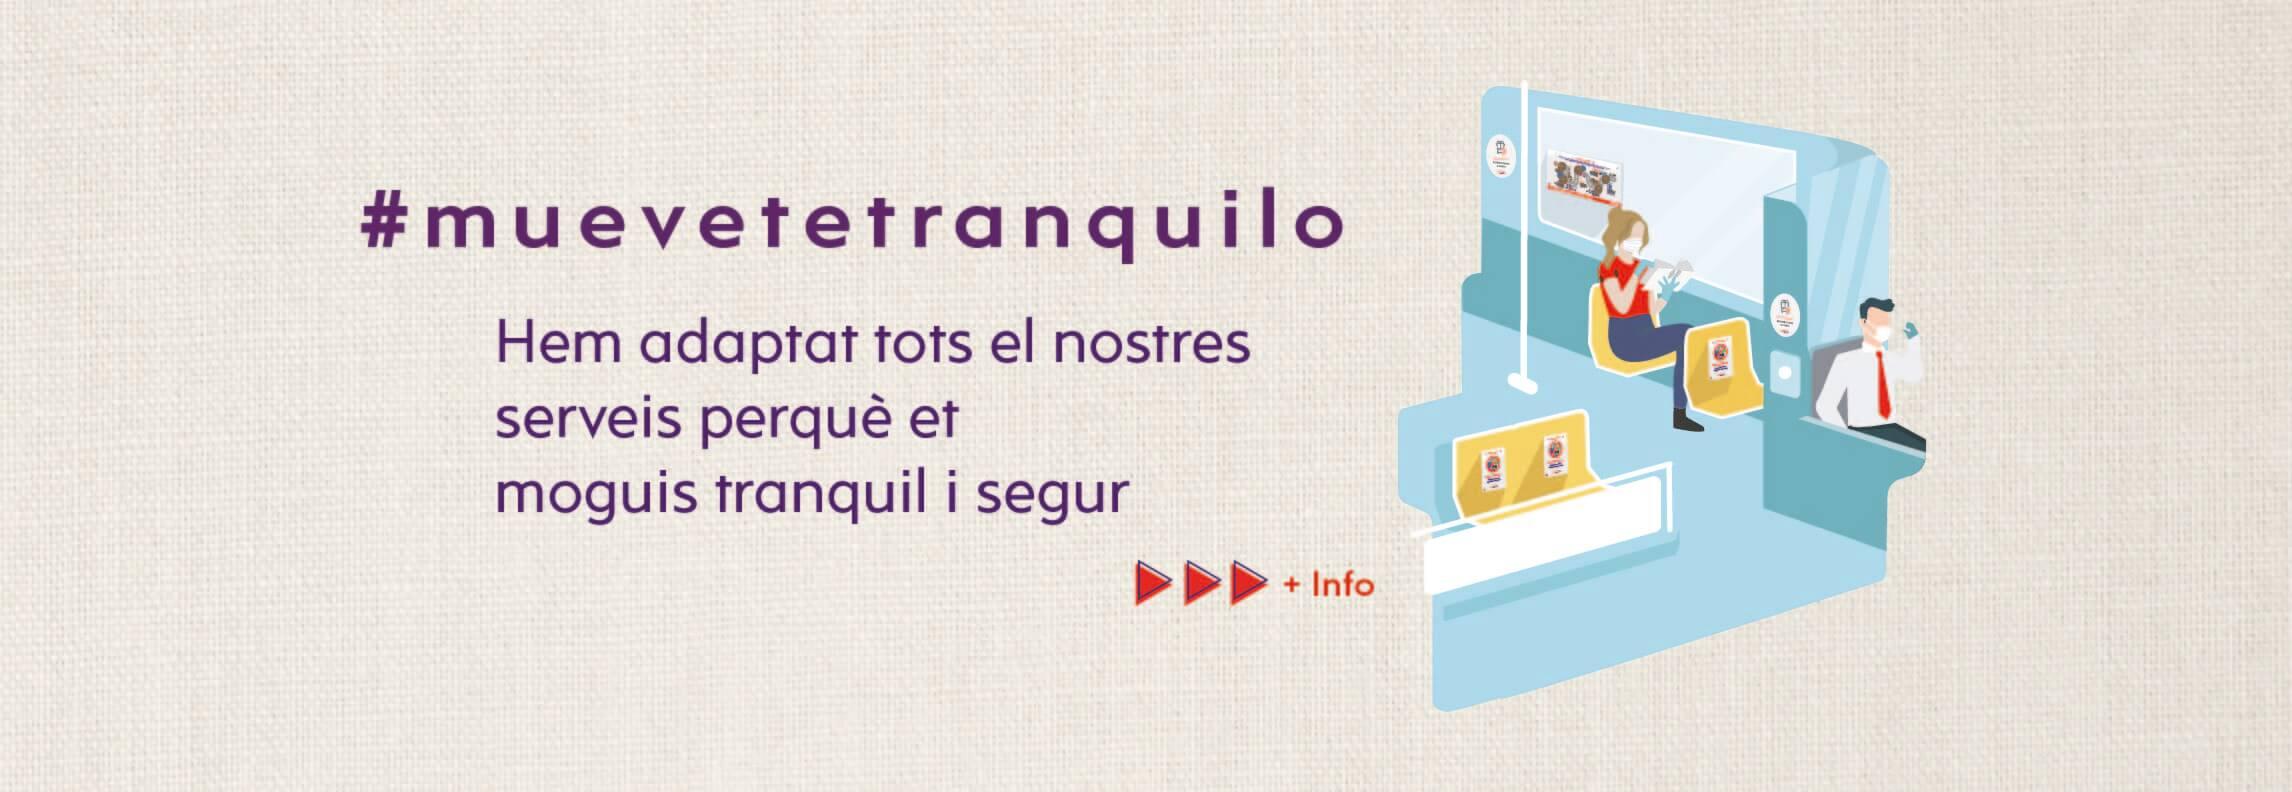 #muevetetranquilo - Hem adaptat els nostres serveis perquè et moguis tranquil i segur